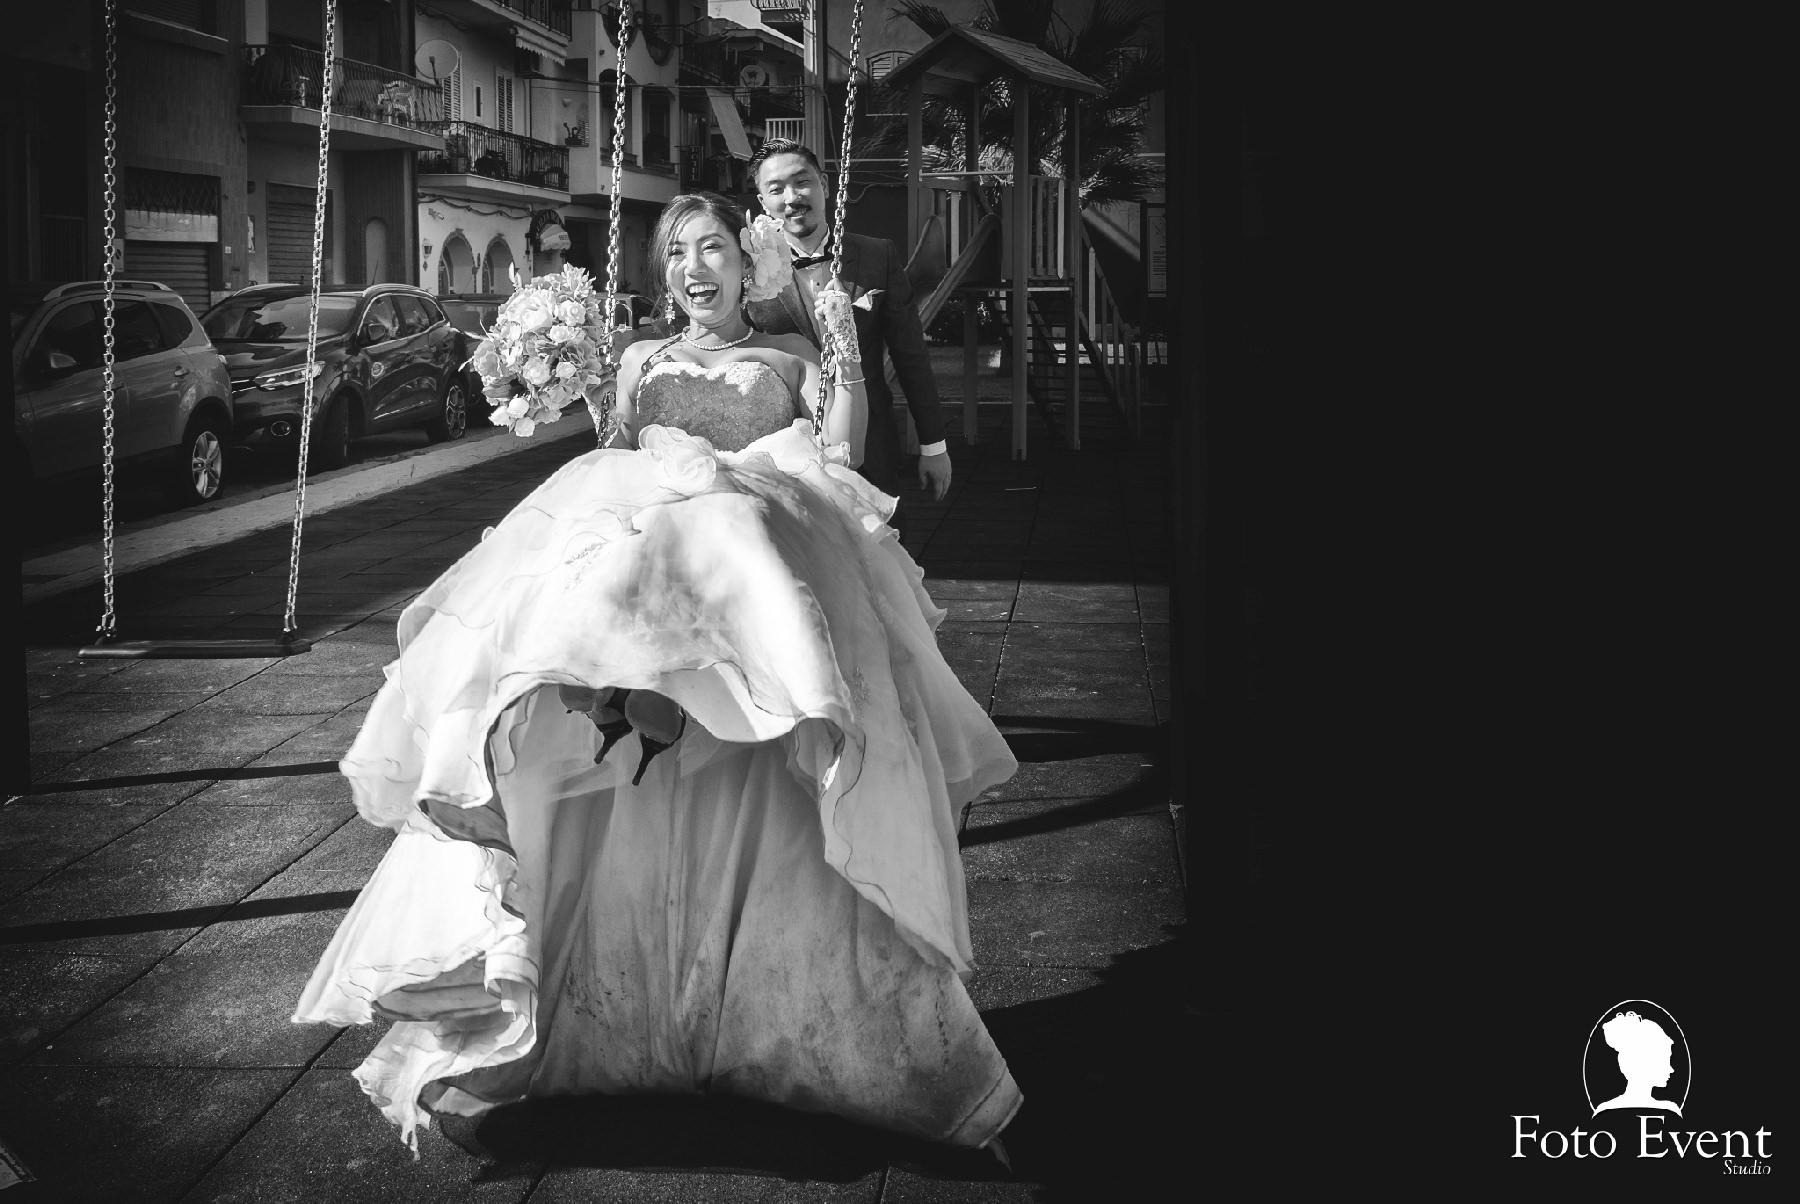 2017-07-15 Matrimonio Sayaka e Keiichi Ando 539 CD FOTO